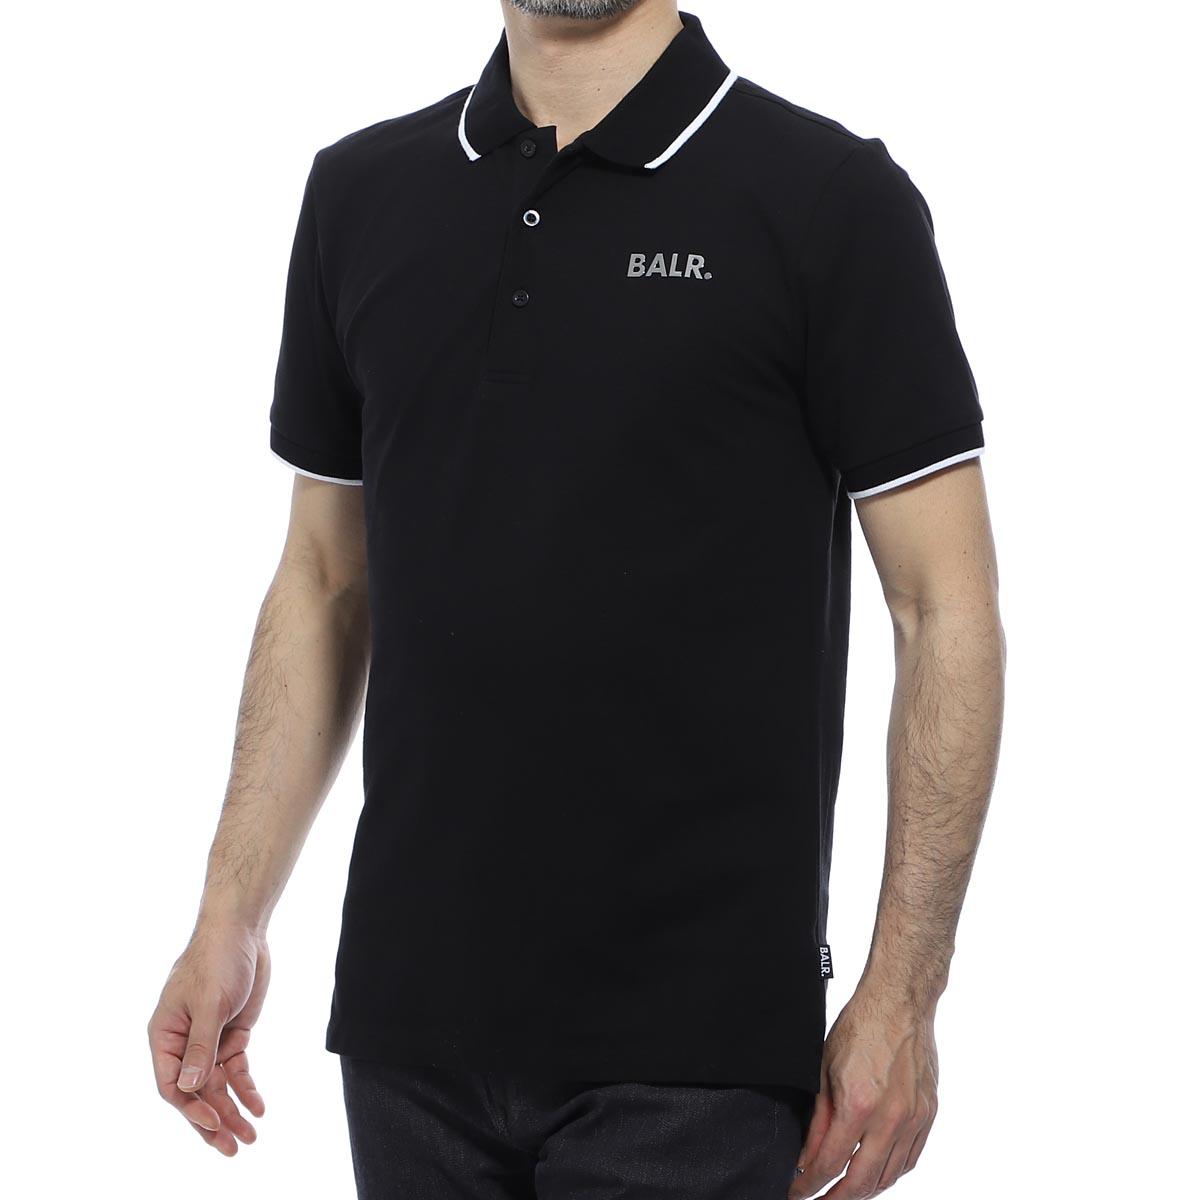 ボーラ― BALR. ポロシャツ ブラック メンズ brand metal logo polo shirt black POLO METAL PLATE【あす楽対応_関東】【返品送料無料】【ラッピング無料】